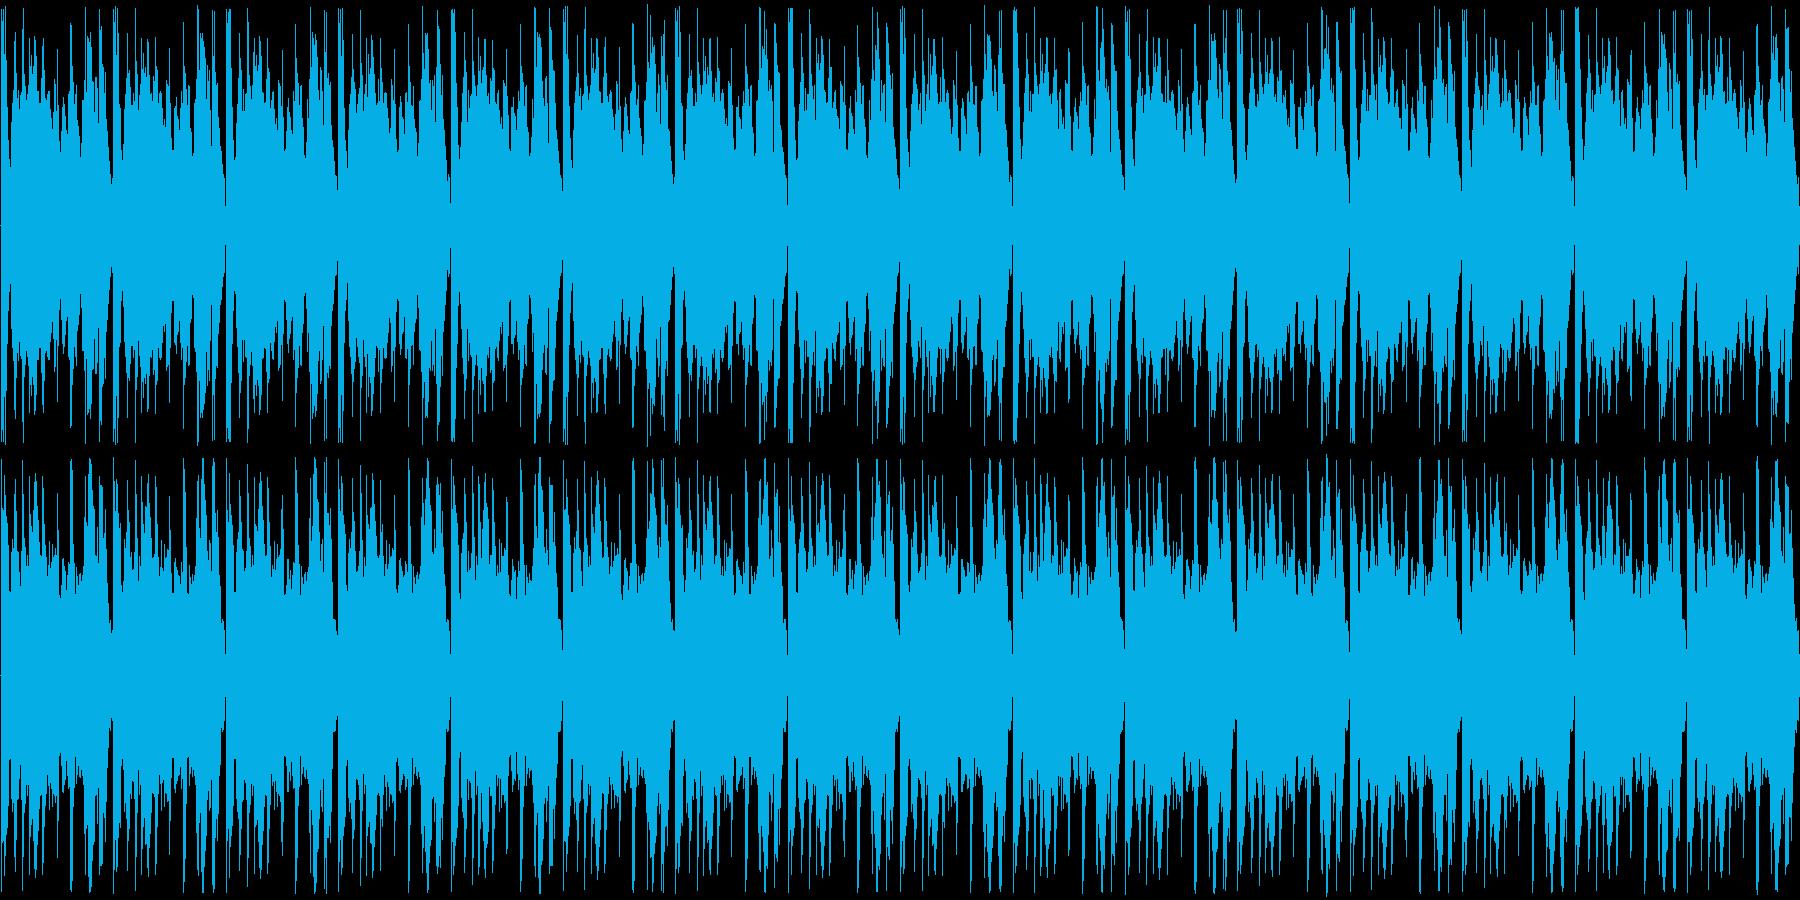 【ロック/ストリングス/盛り上がり】の再生済みの波形